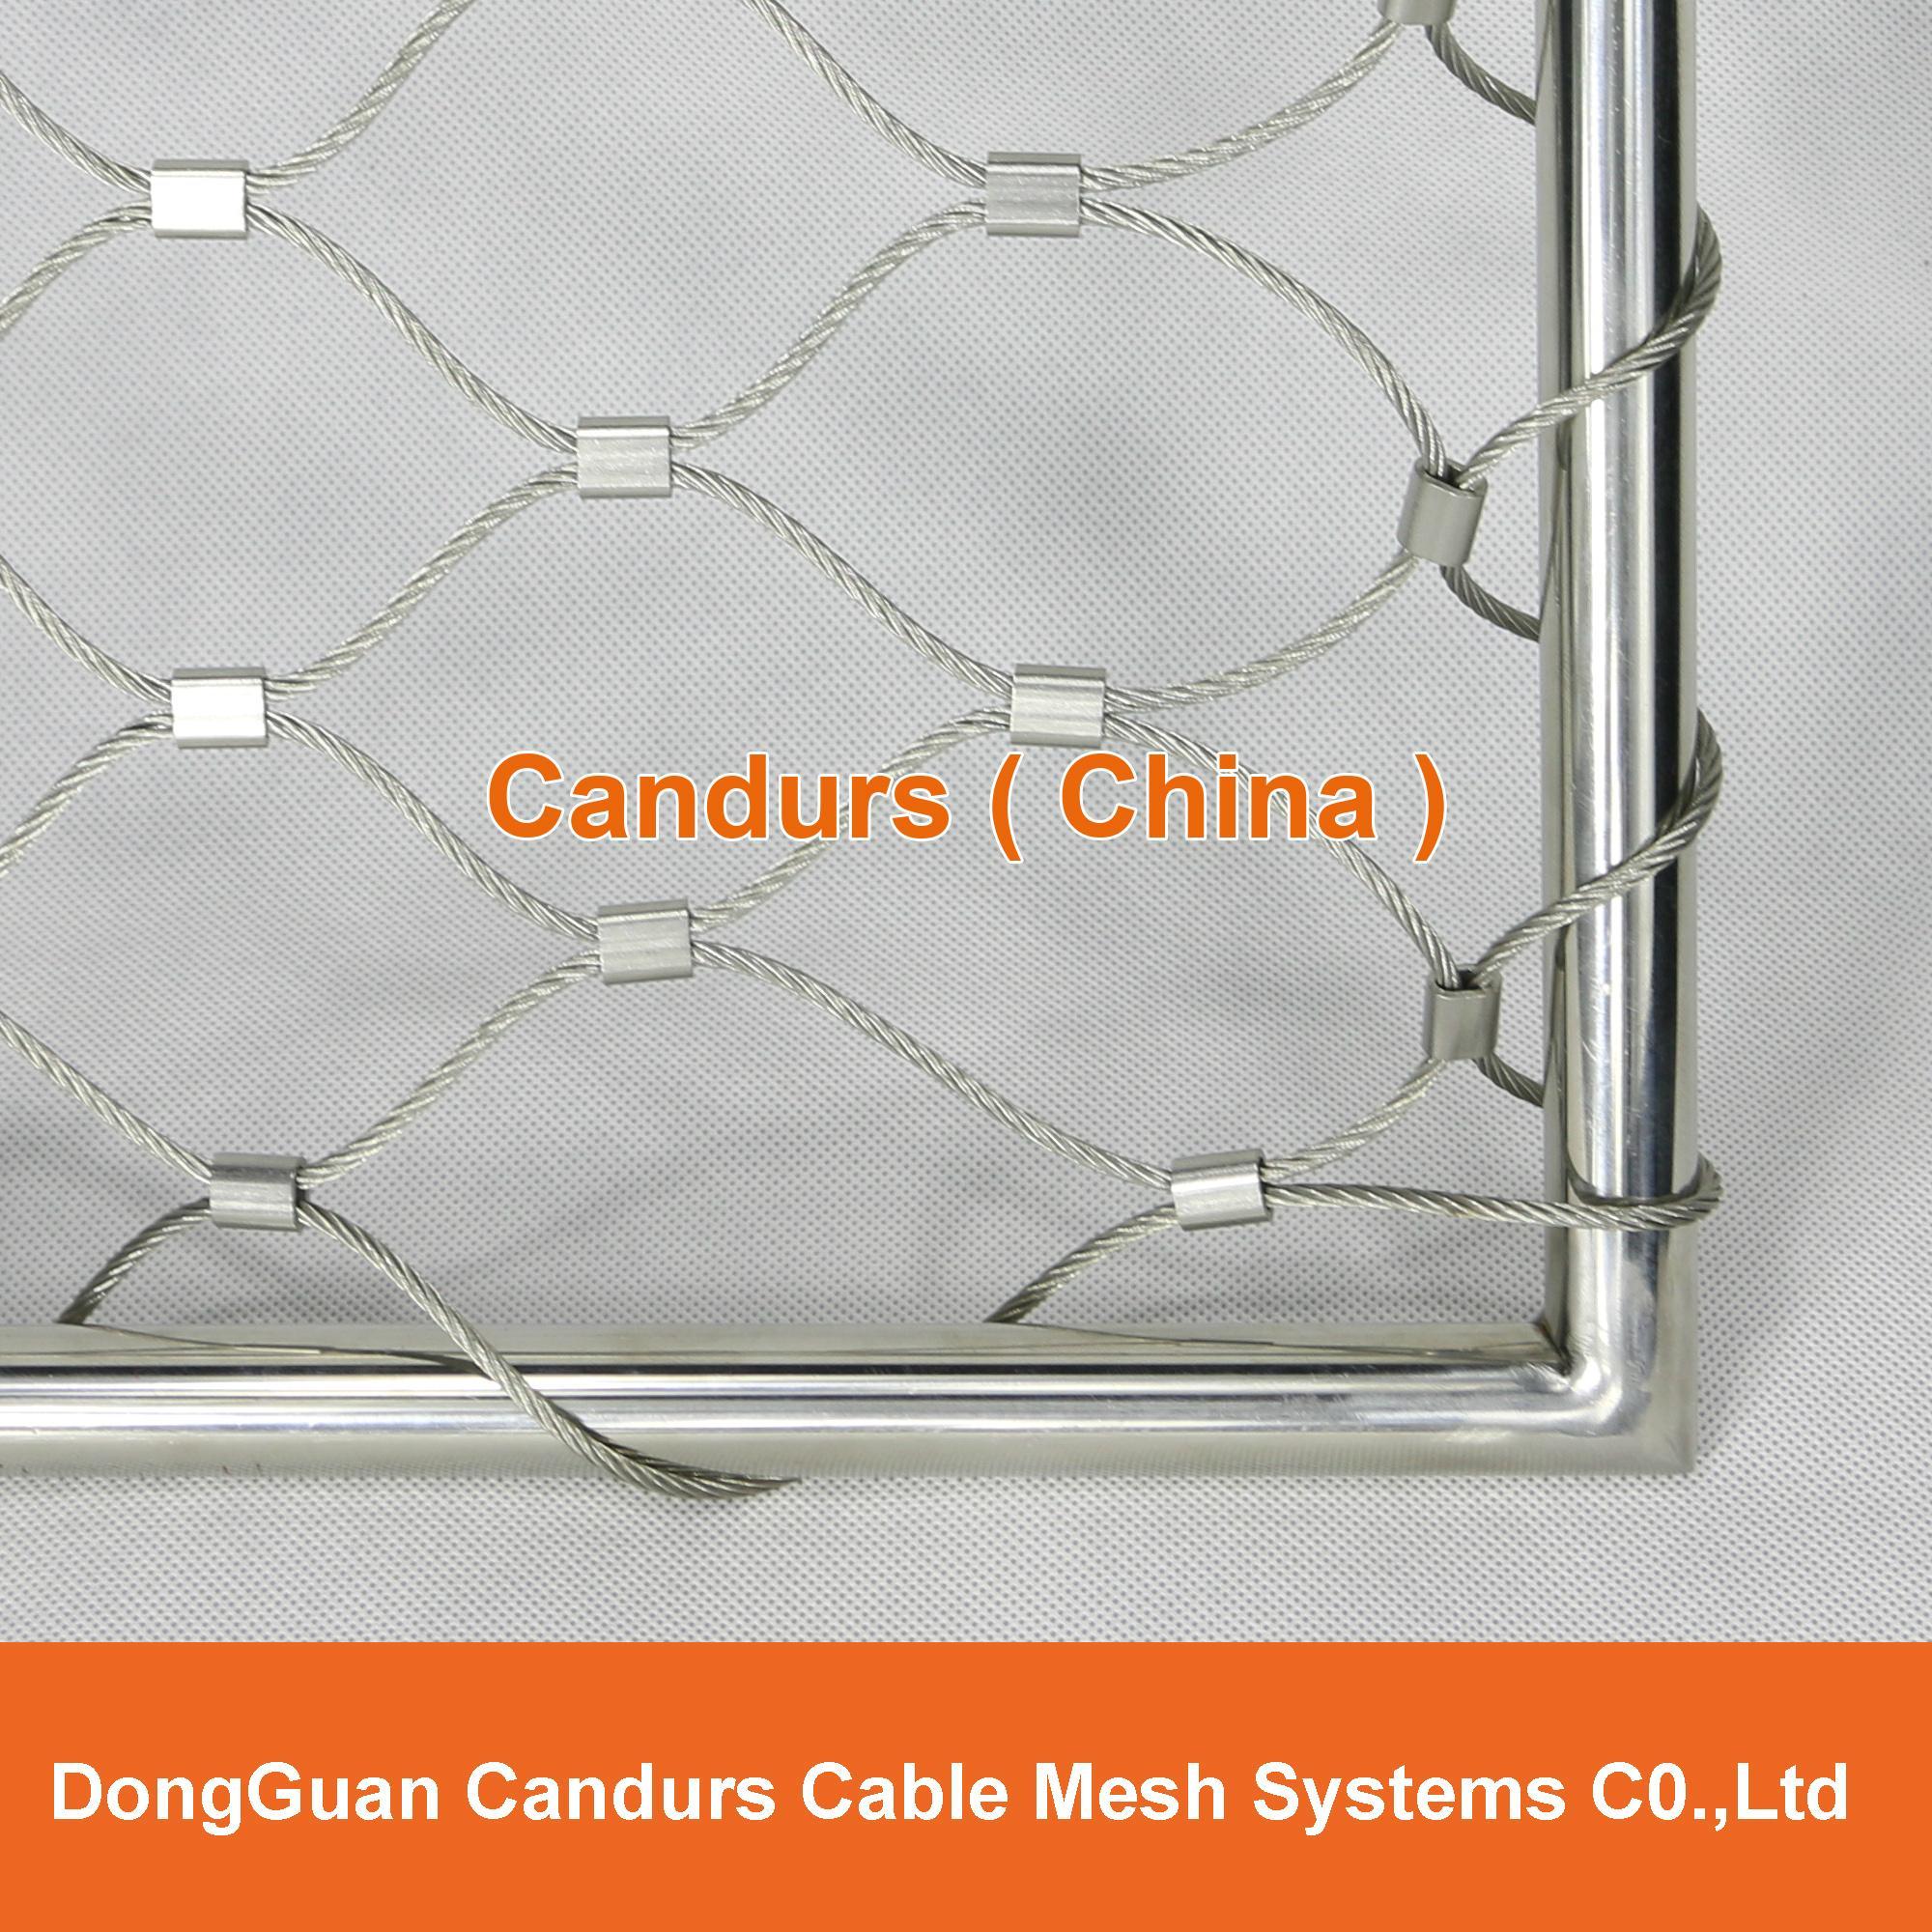 屋頂安全防護不鏽鋼繩網 13